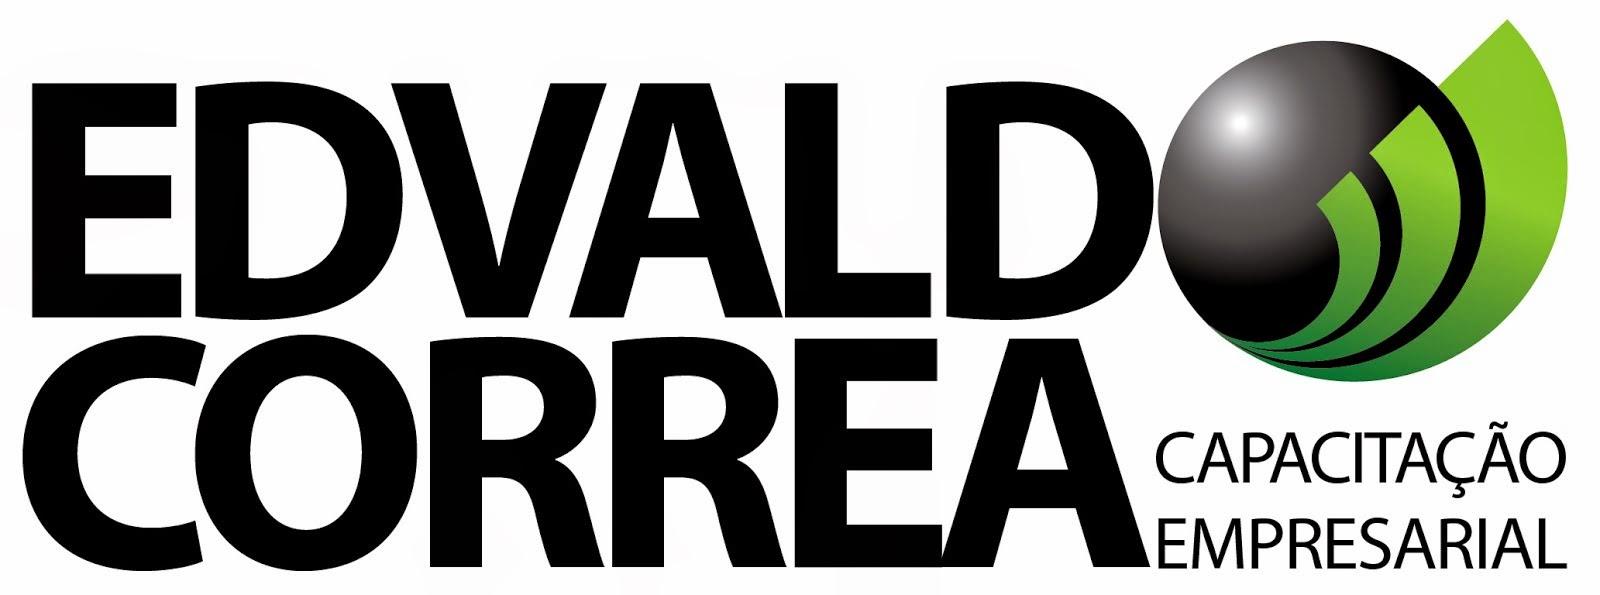 Blog Oficial de Edvaldo Corrêa